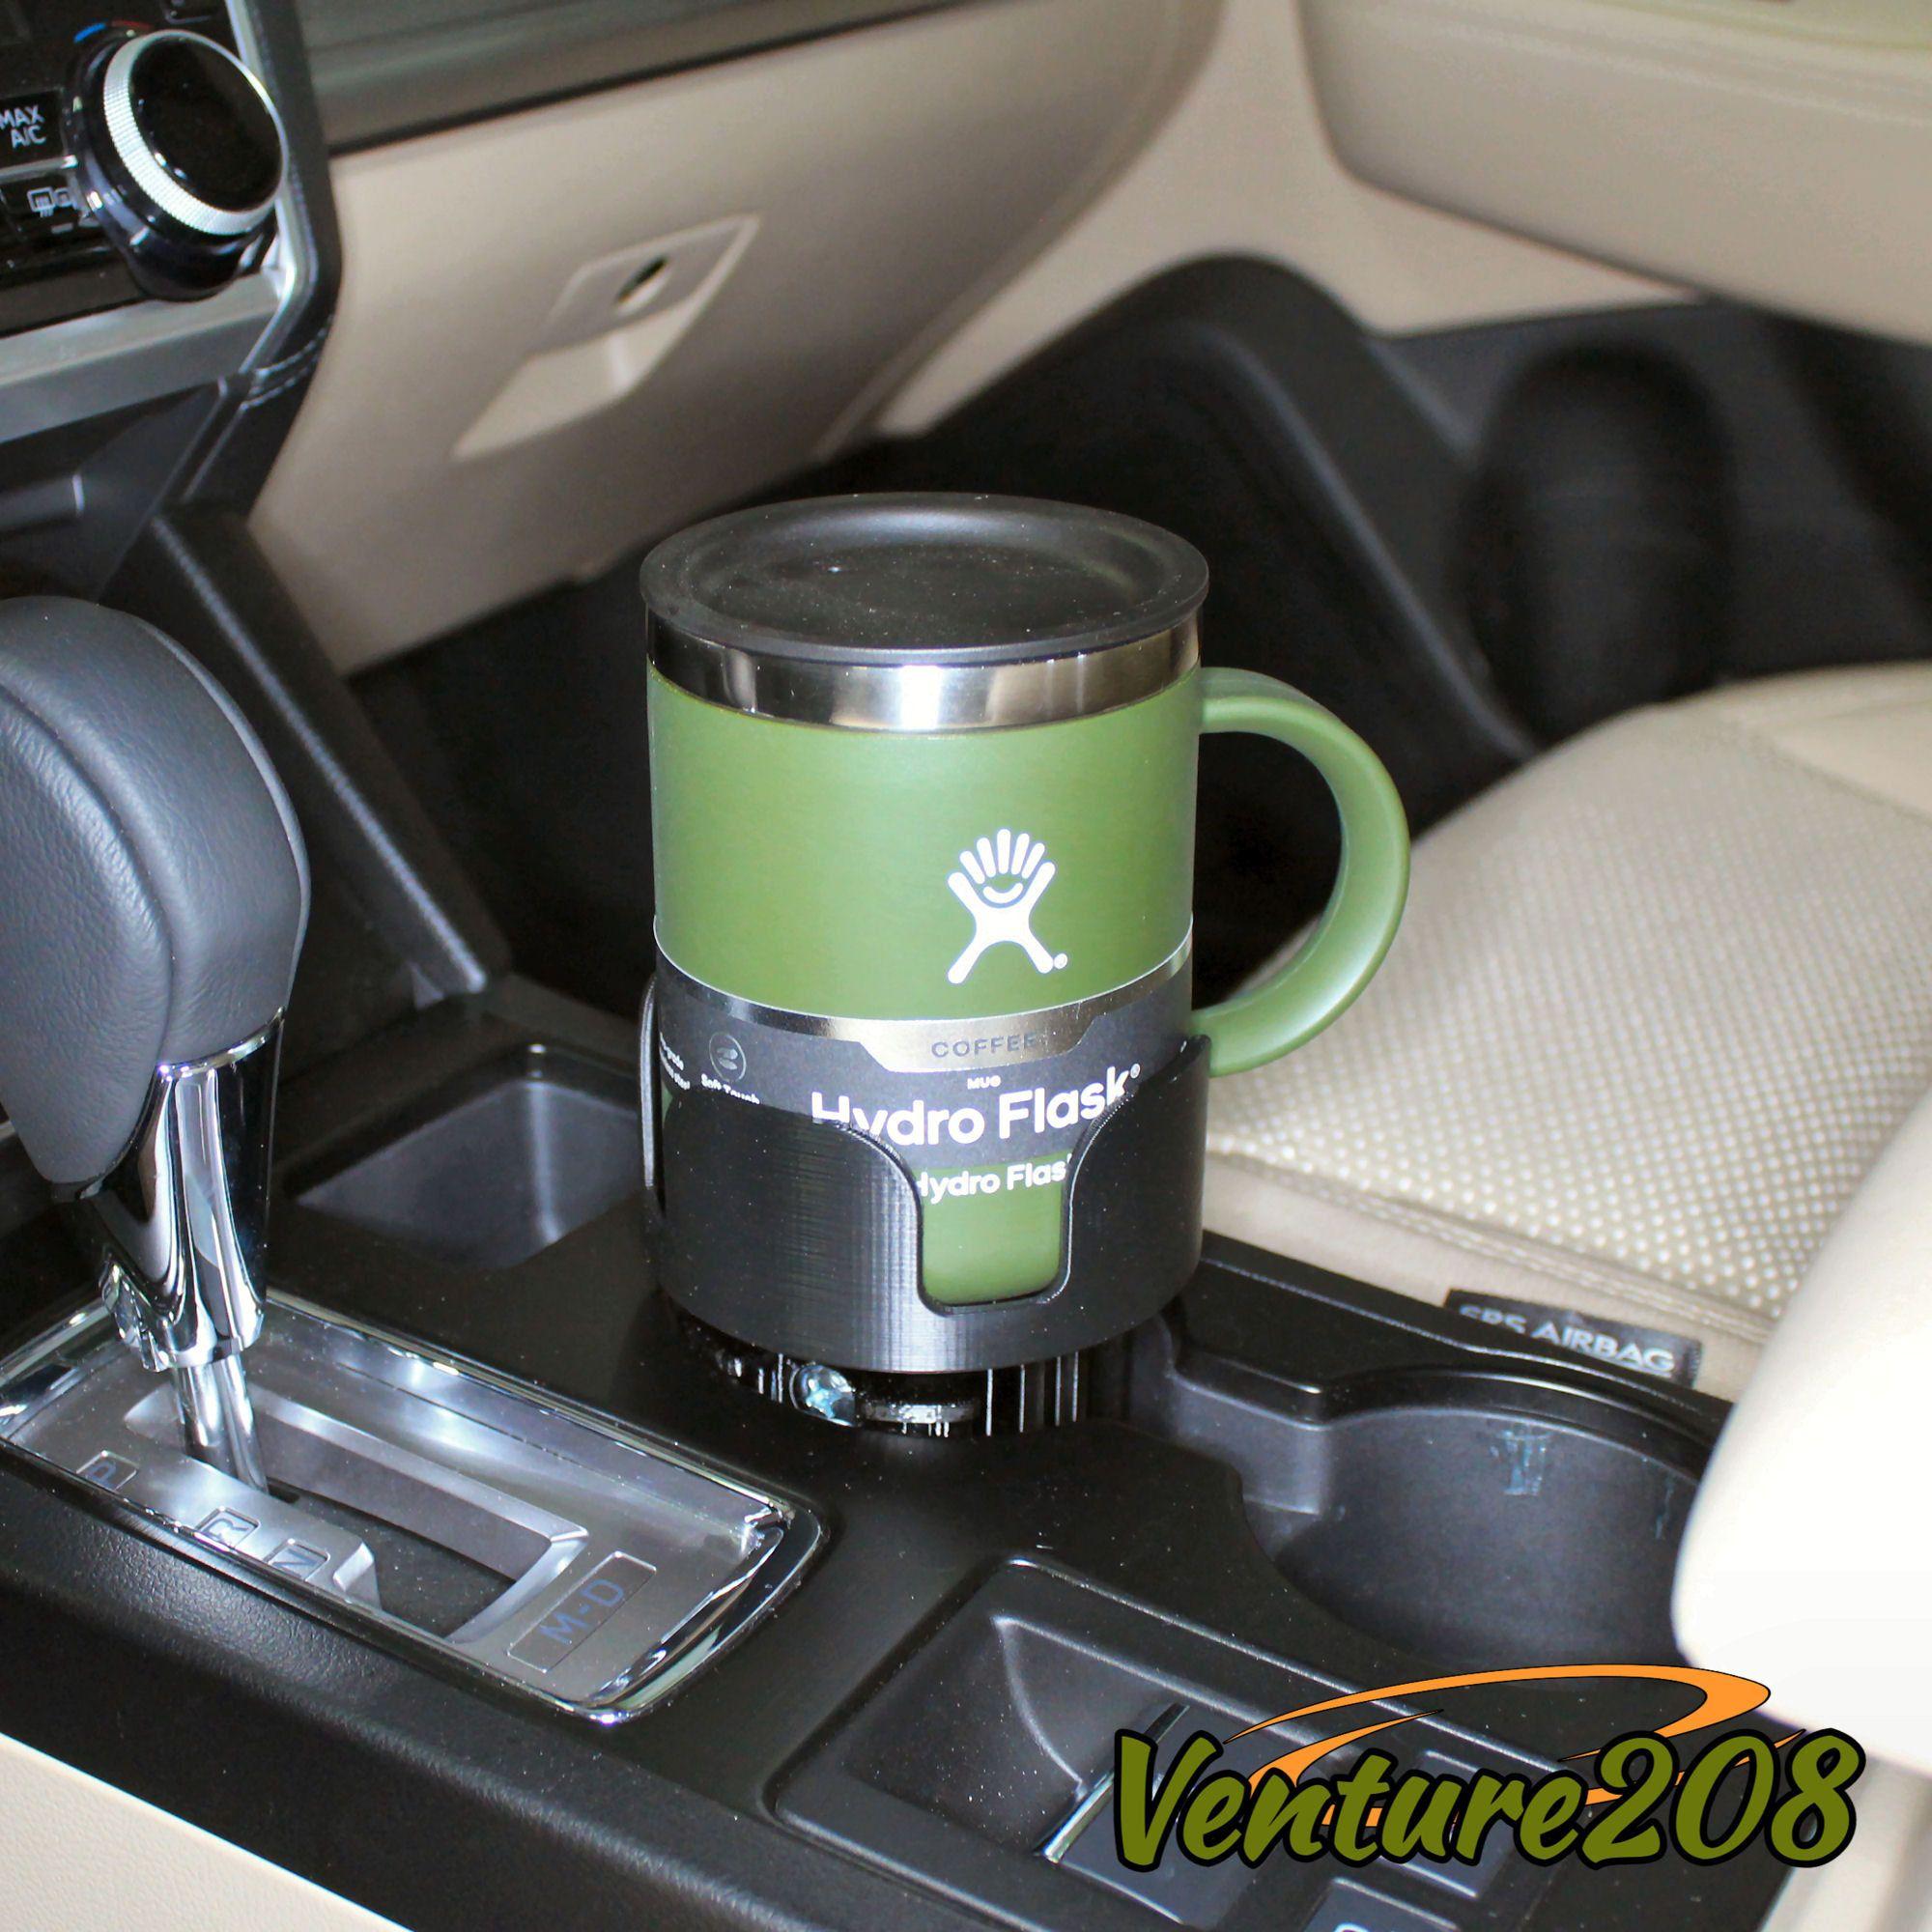 Mug Buddy Cup Holder System For 12 Oz Hydro Flask Coffee Mug Etsy Hydro Flask Coffee Hydroflask Spilled Coffee